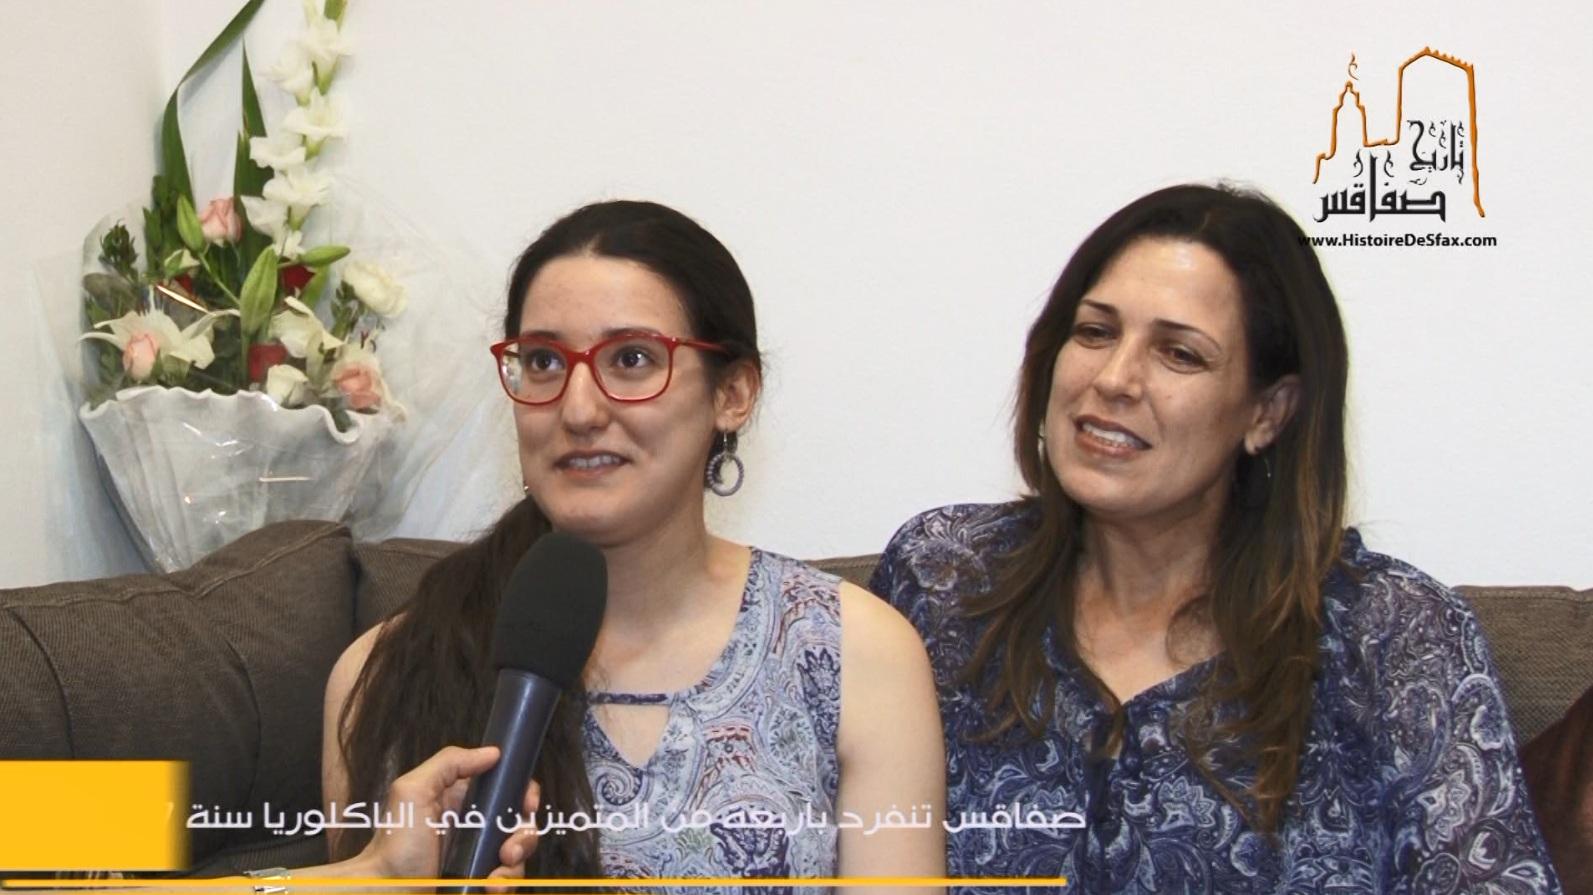 ياسمين بوصباح المتفوقة وطنيا في شعبة الآداب - معهد الطيب المهيري بصفاقس - بكالوريا 2017